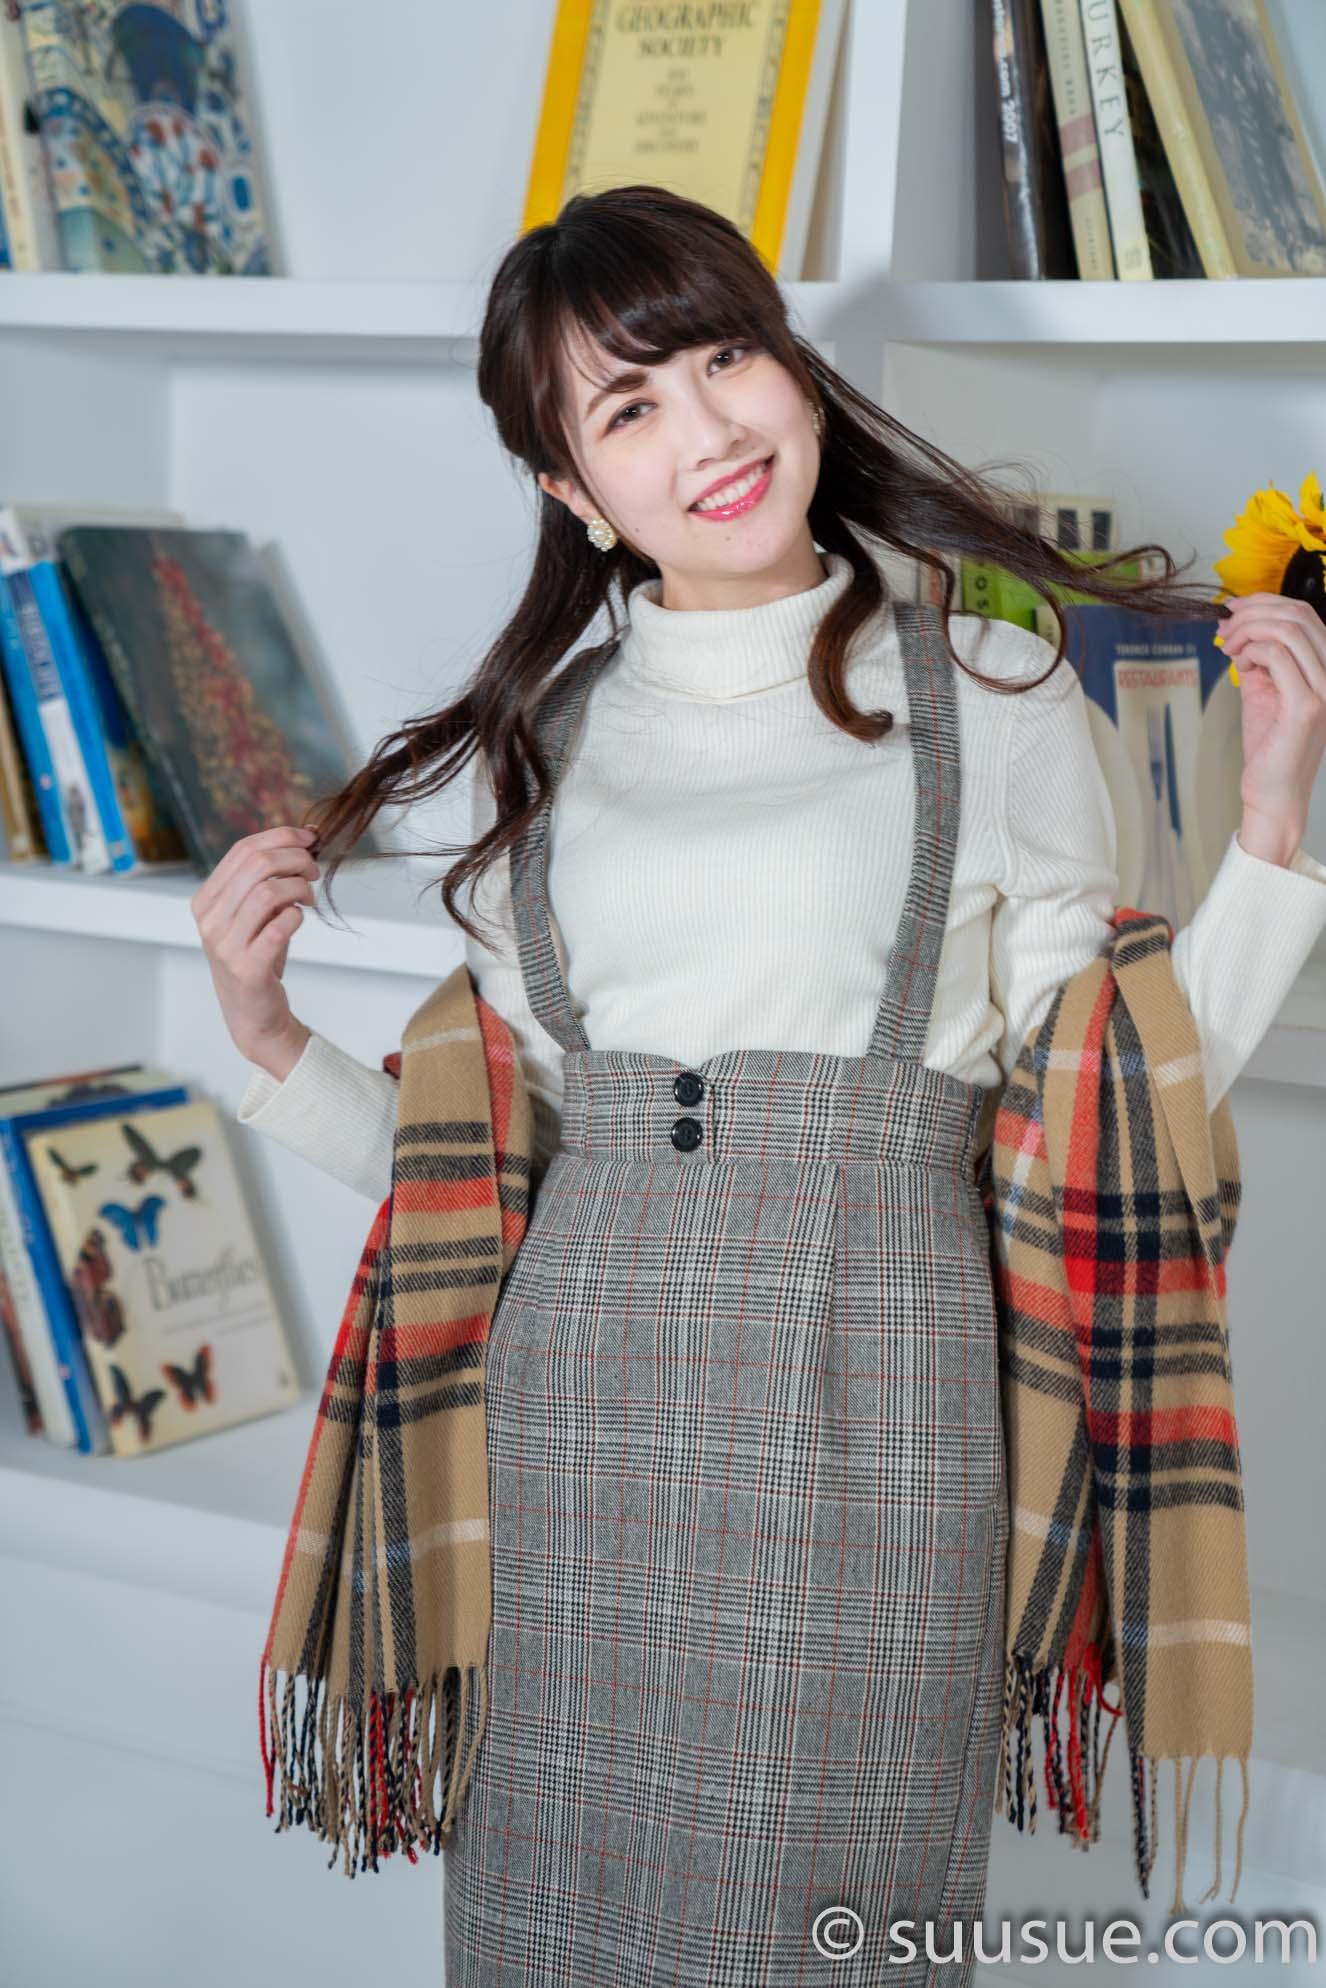 瀬谷ひかる 2018/12/29 NewType撮影会